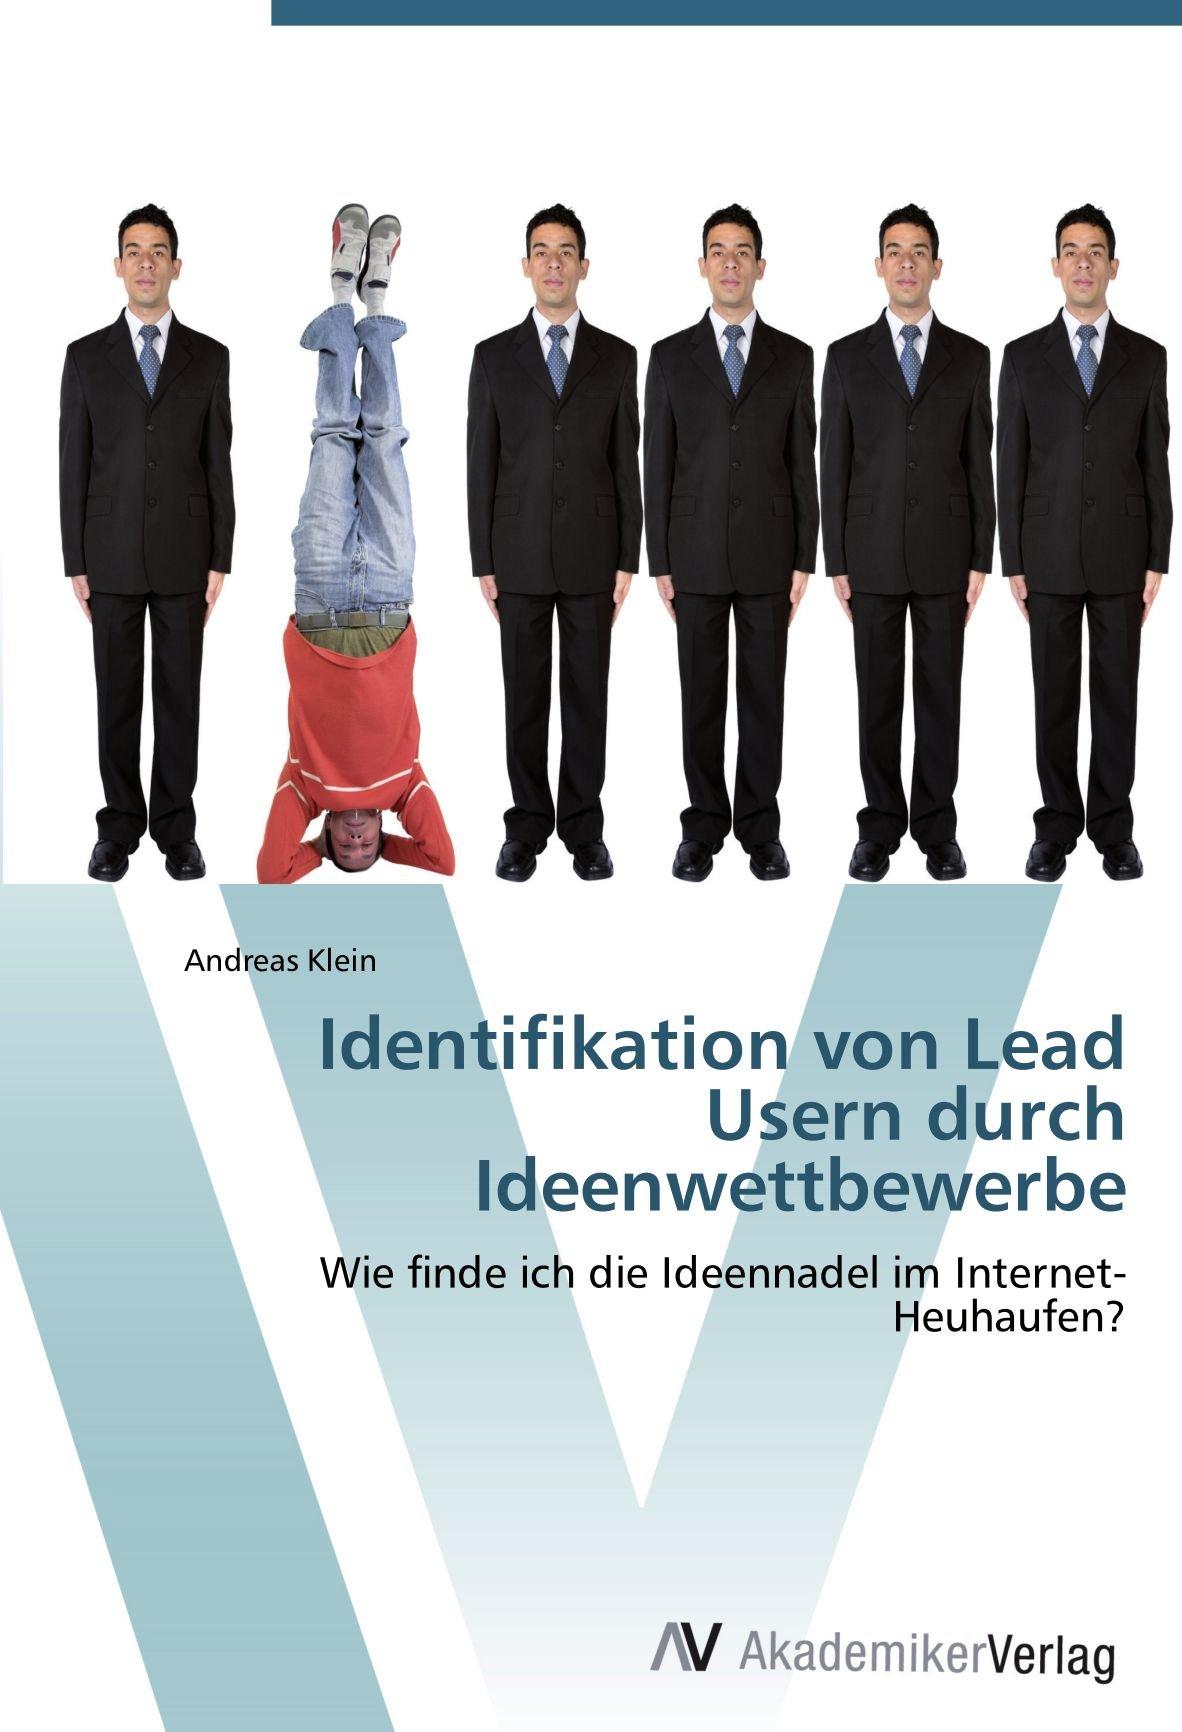 Identifikation von Lead Usern durch Ideenwettbewerbe: Wie finde ich die Ideennadel im Internet-Heuhaufen? (German Edition) ebook